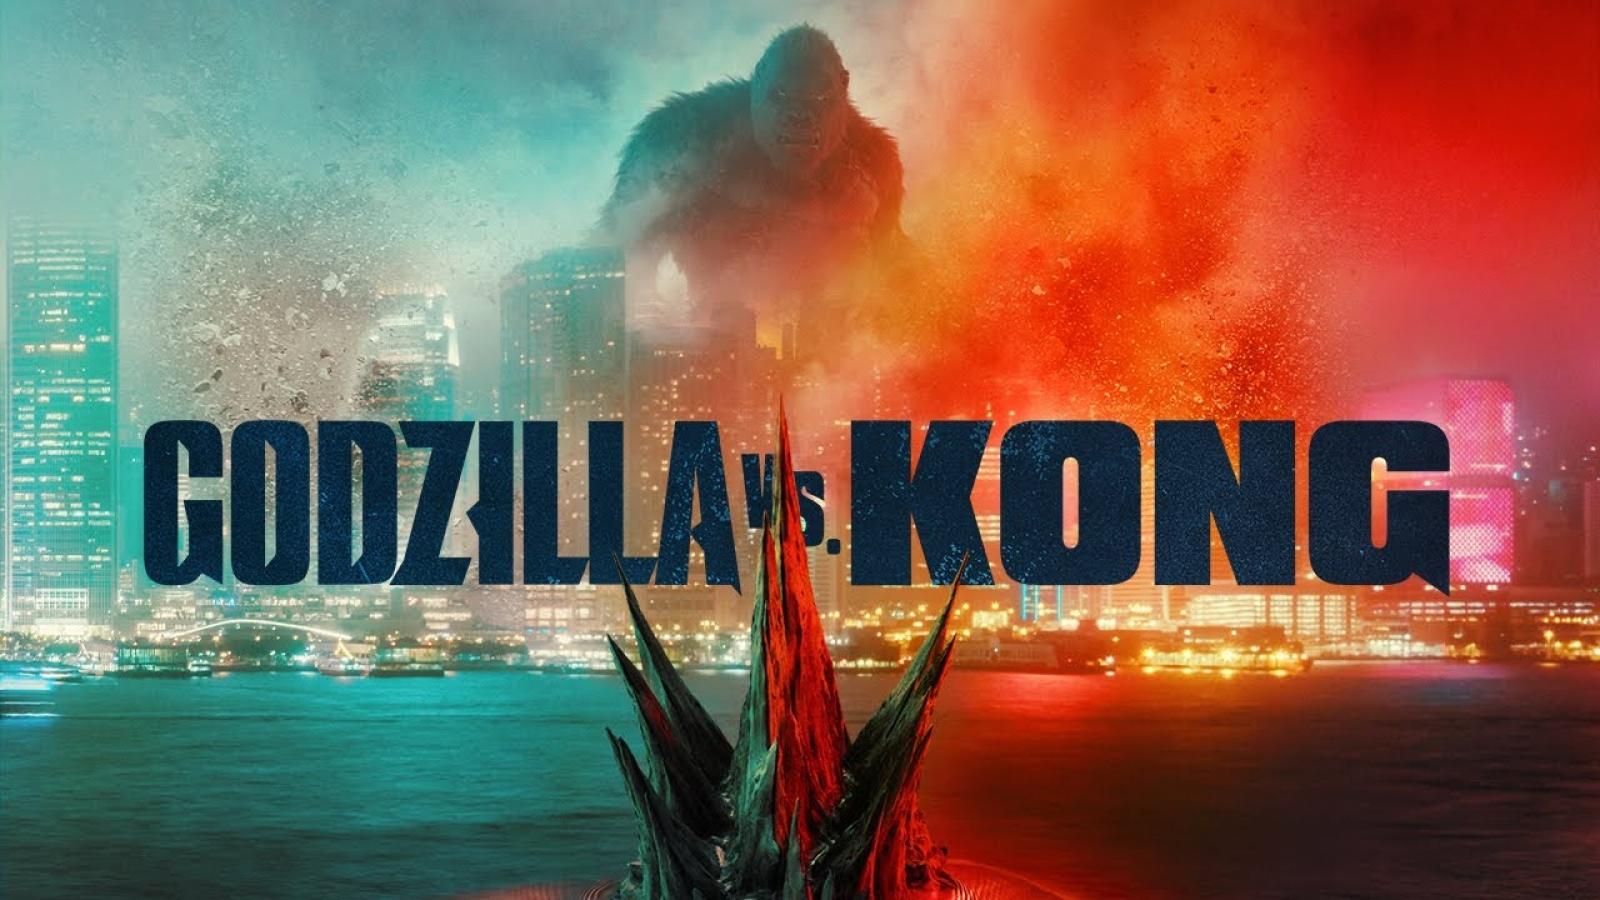 """Du lịch Vũ trụ quái vật qua những bối cảnh diễn ra đại chiến """"Godzilla vs Kong"""""""